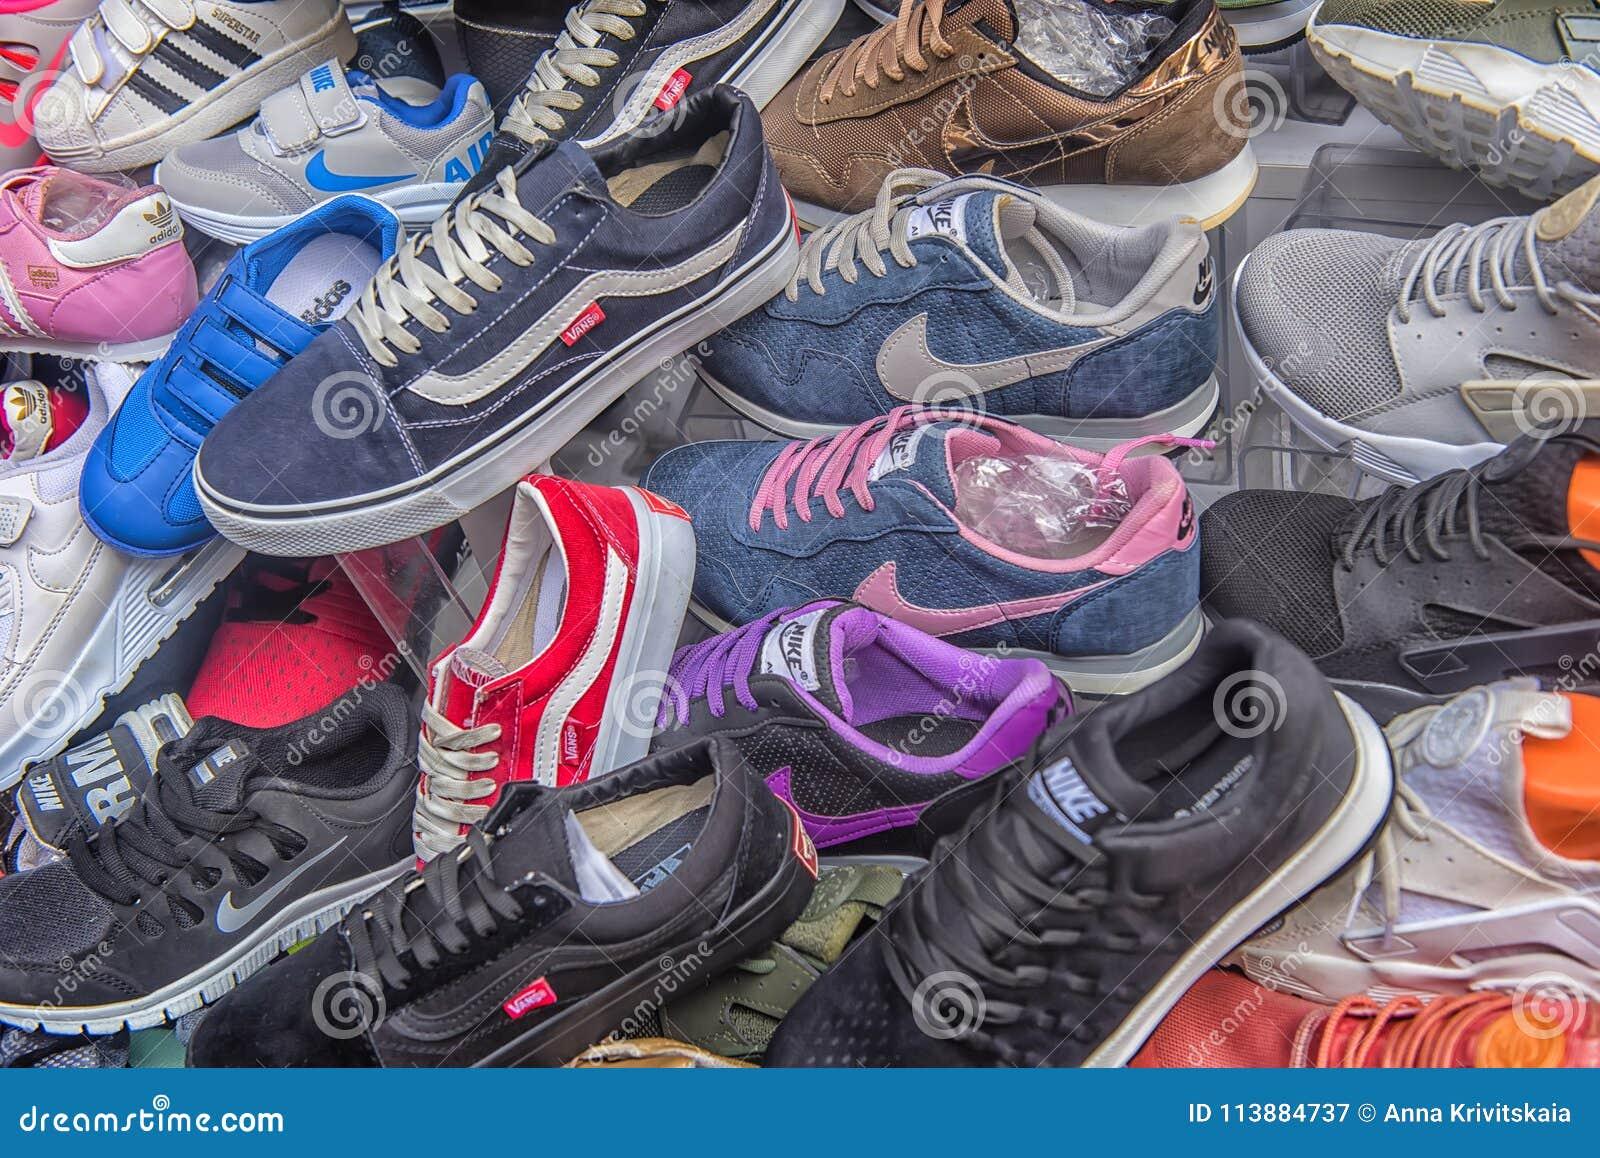 La De En Deporte Venta Para Contraria Zapatillas Tienda 0OmyvN8nw